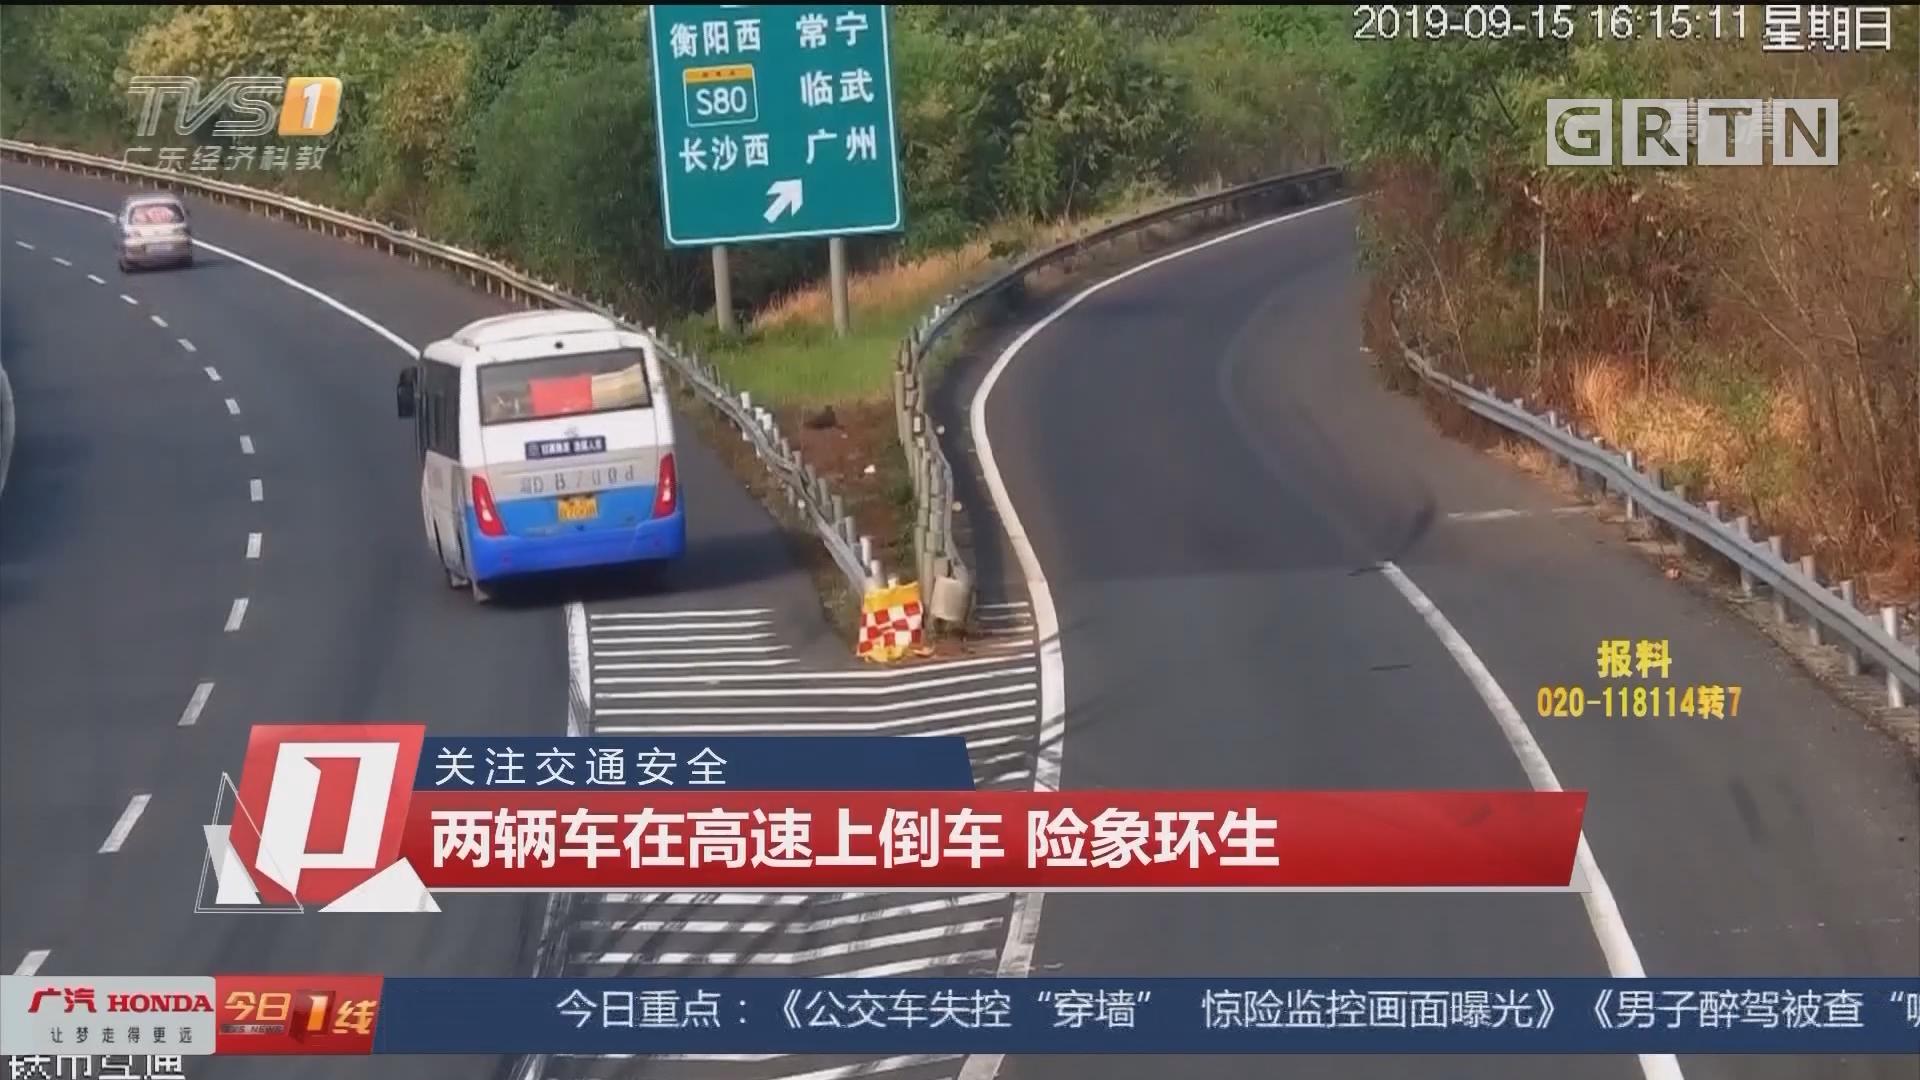 关注交通安全:两辆车在高速上倒车 险象环生